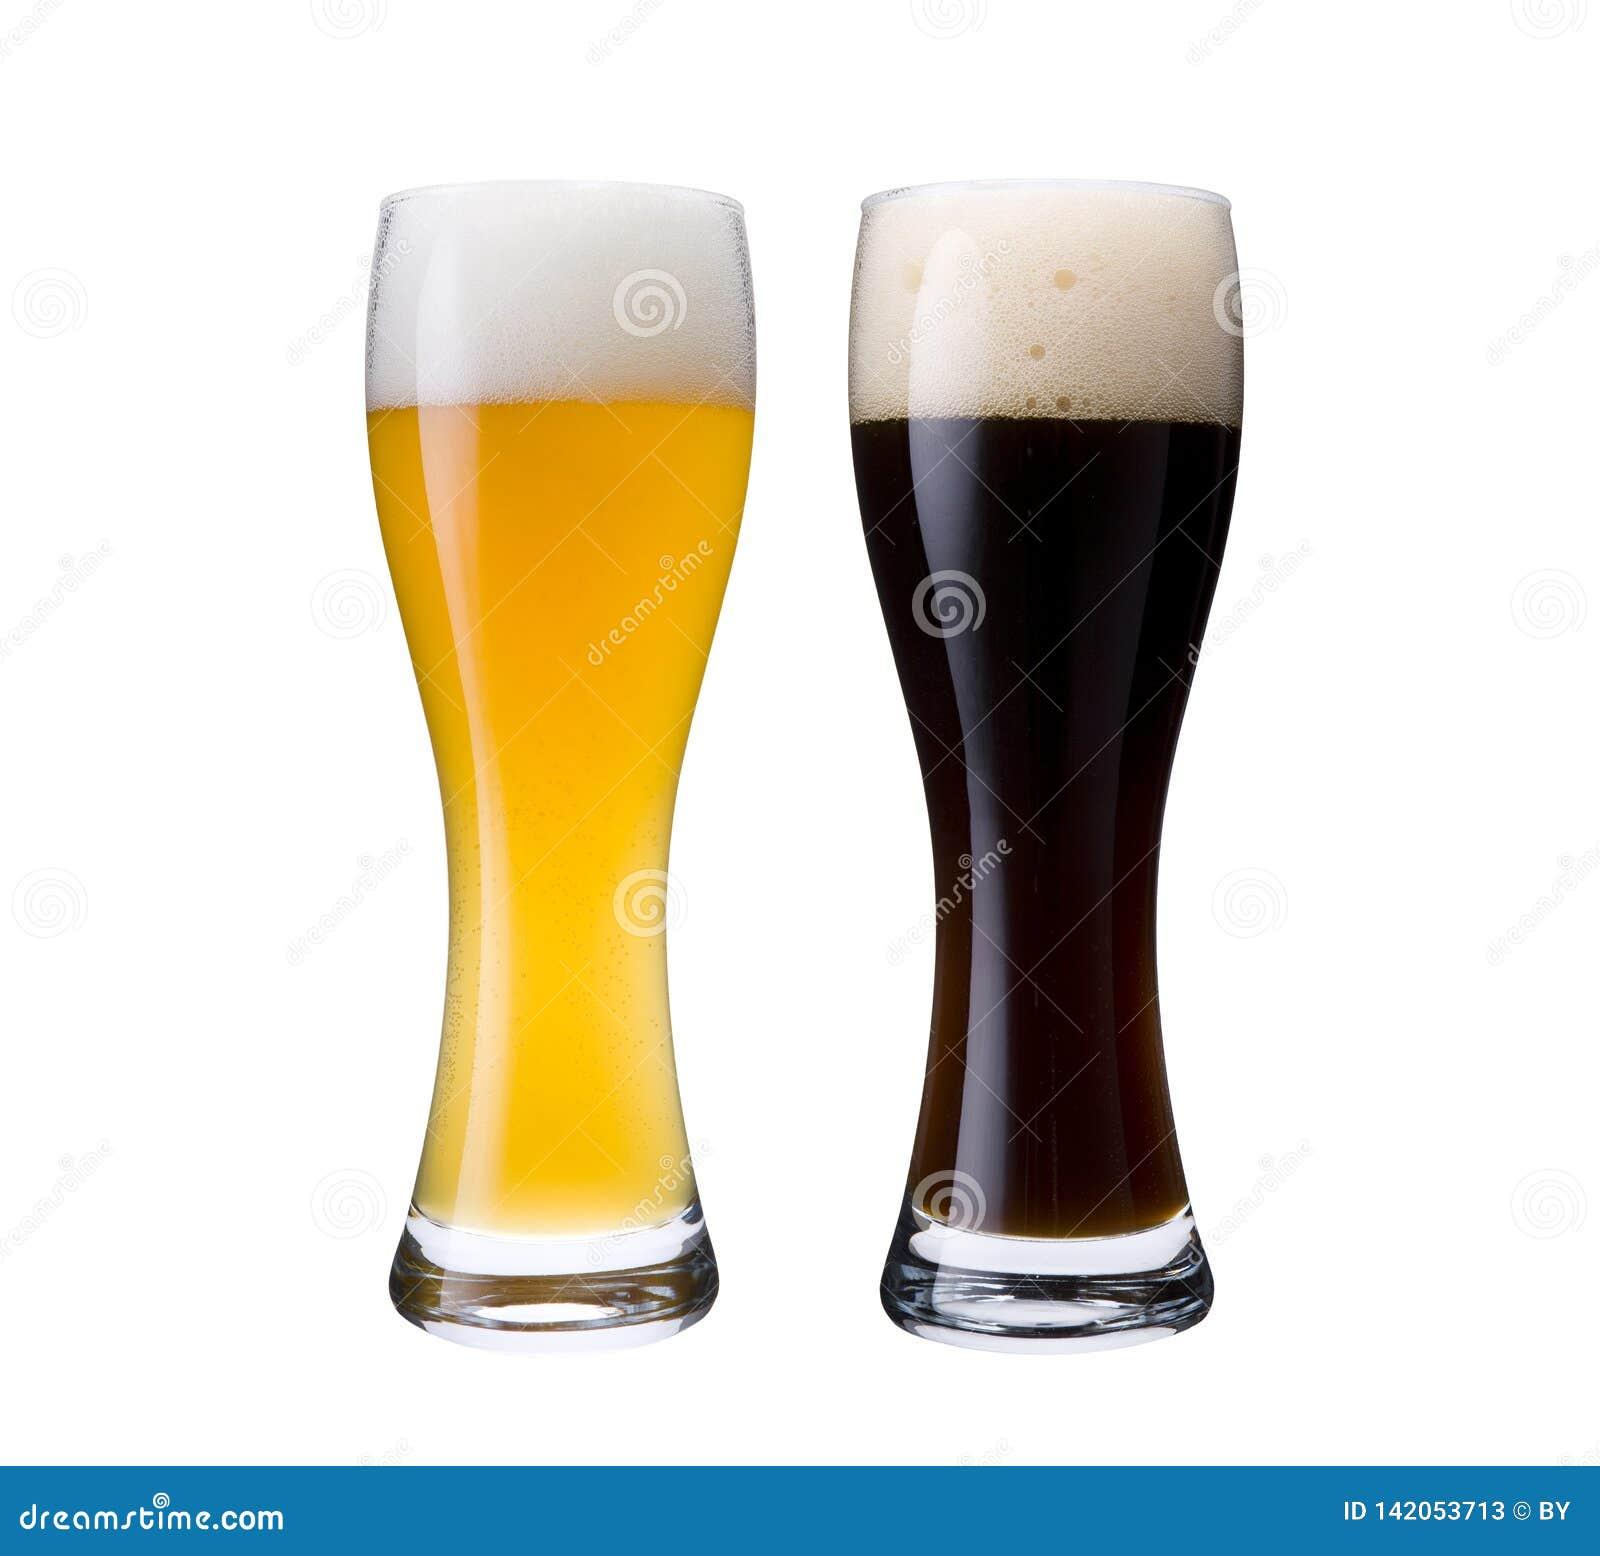 German White and Dark Beer